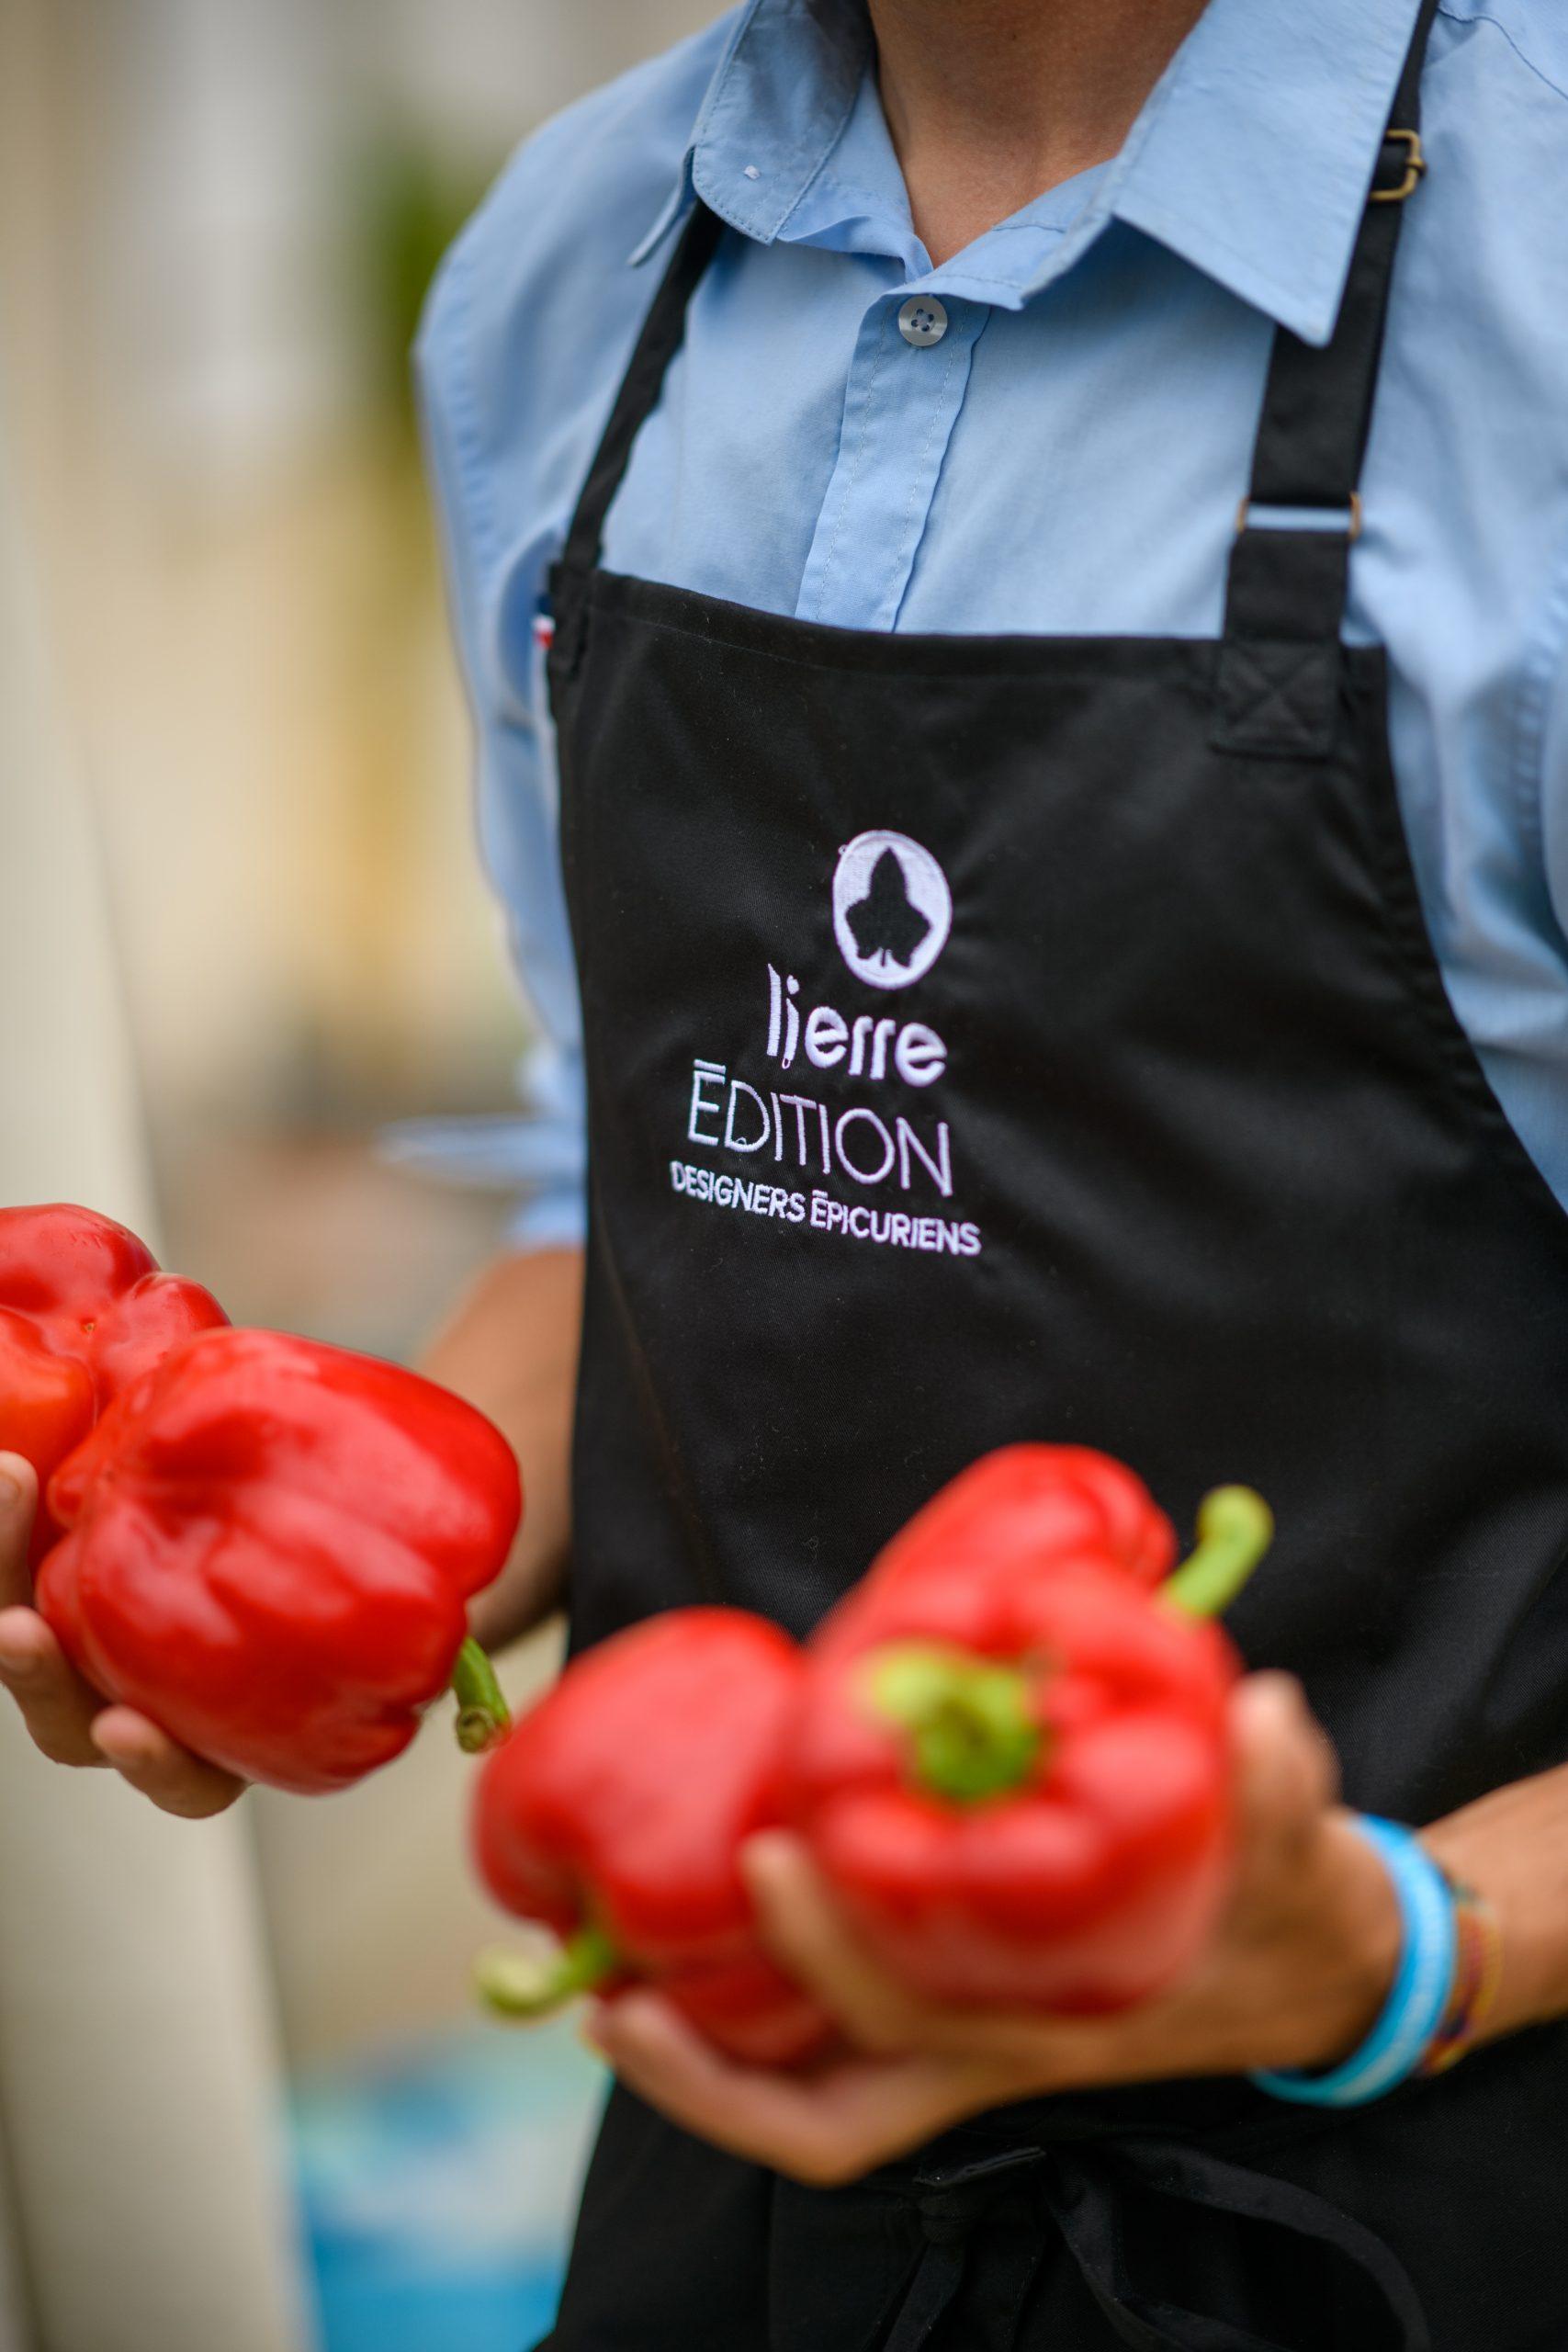 Un cuisinier apporte des poivrons rouges qui seront cuisinés sur le braséro Lierre Edition